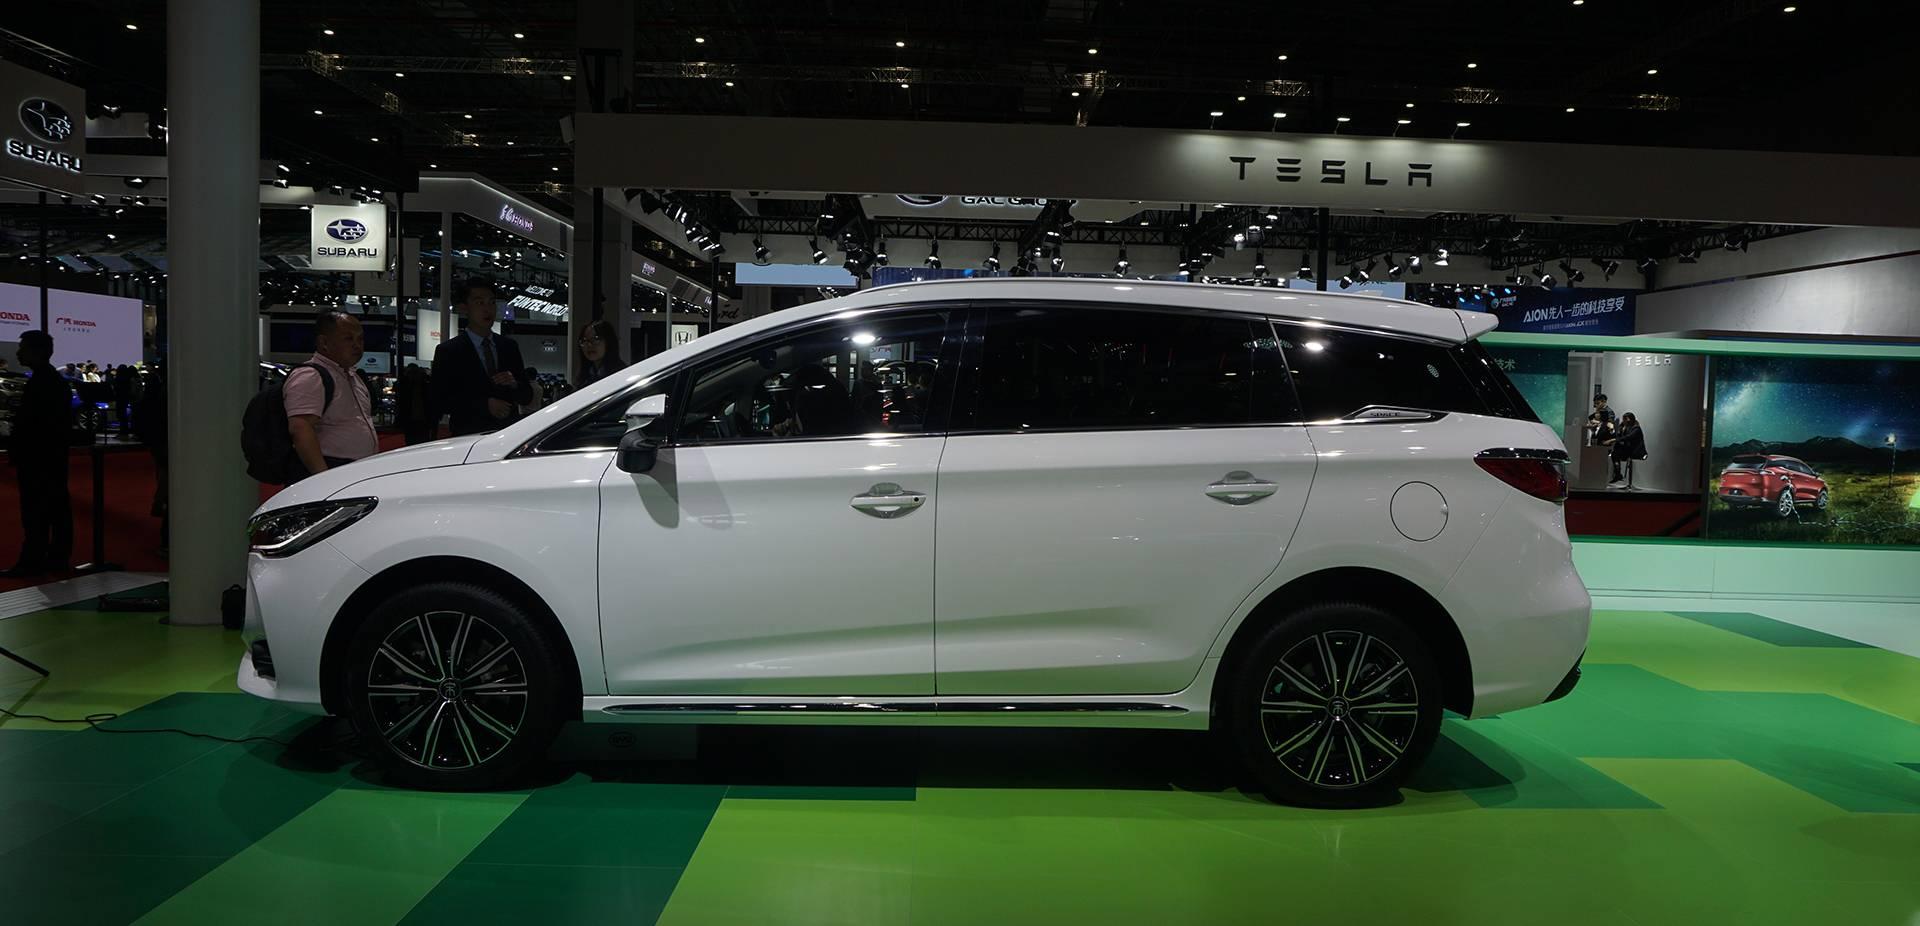 20万中级车推荐_补贴后 18-20 万元 比亚迪宋 Pro DM 预售价正式发布-新出行